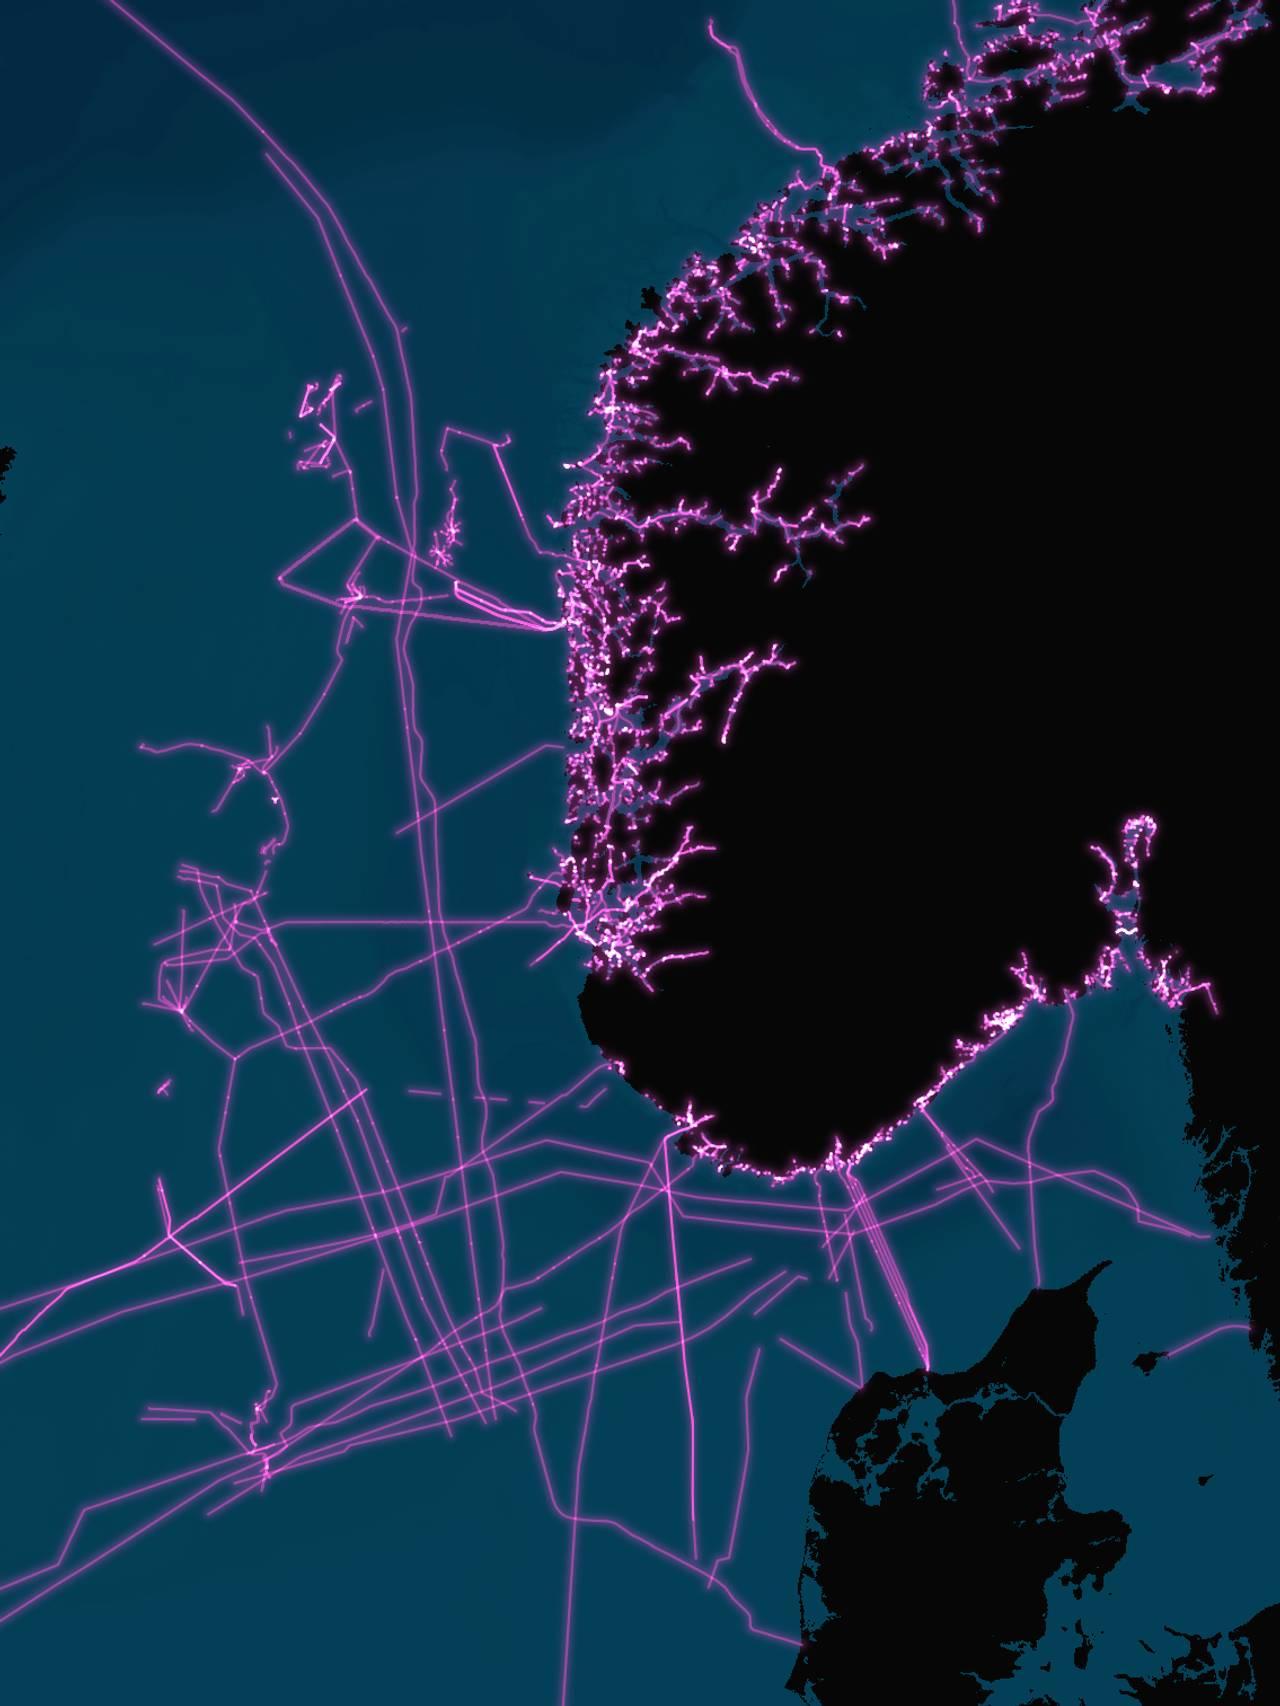 Kartet viser sjøkabler i Nordsjøen